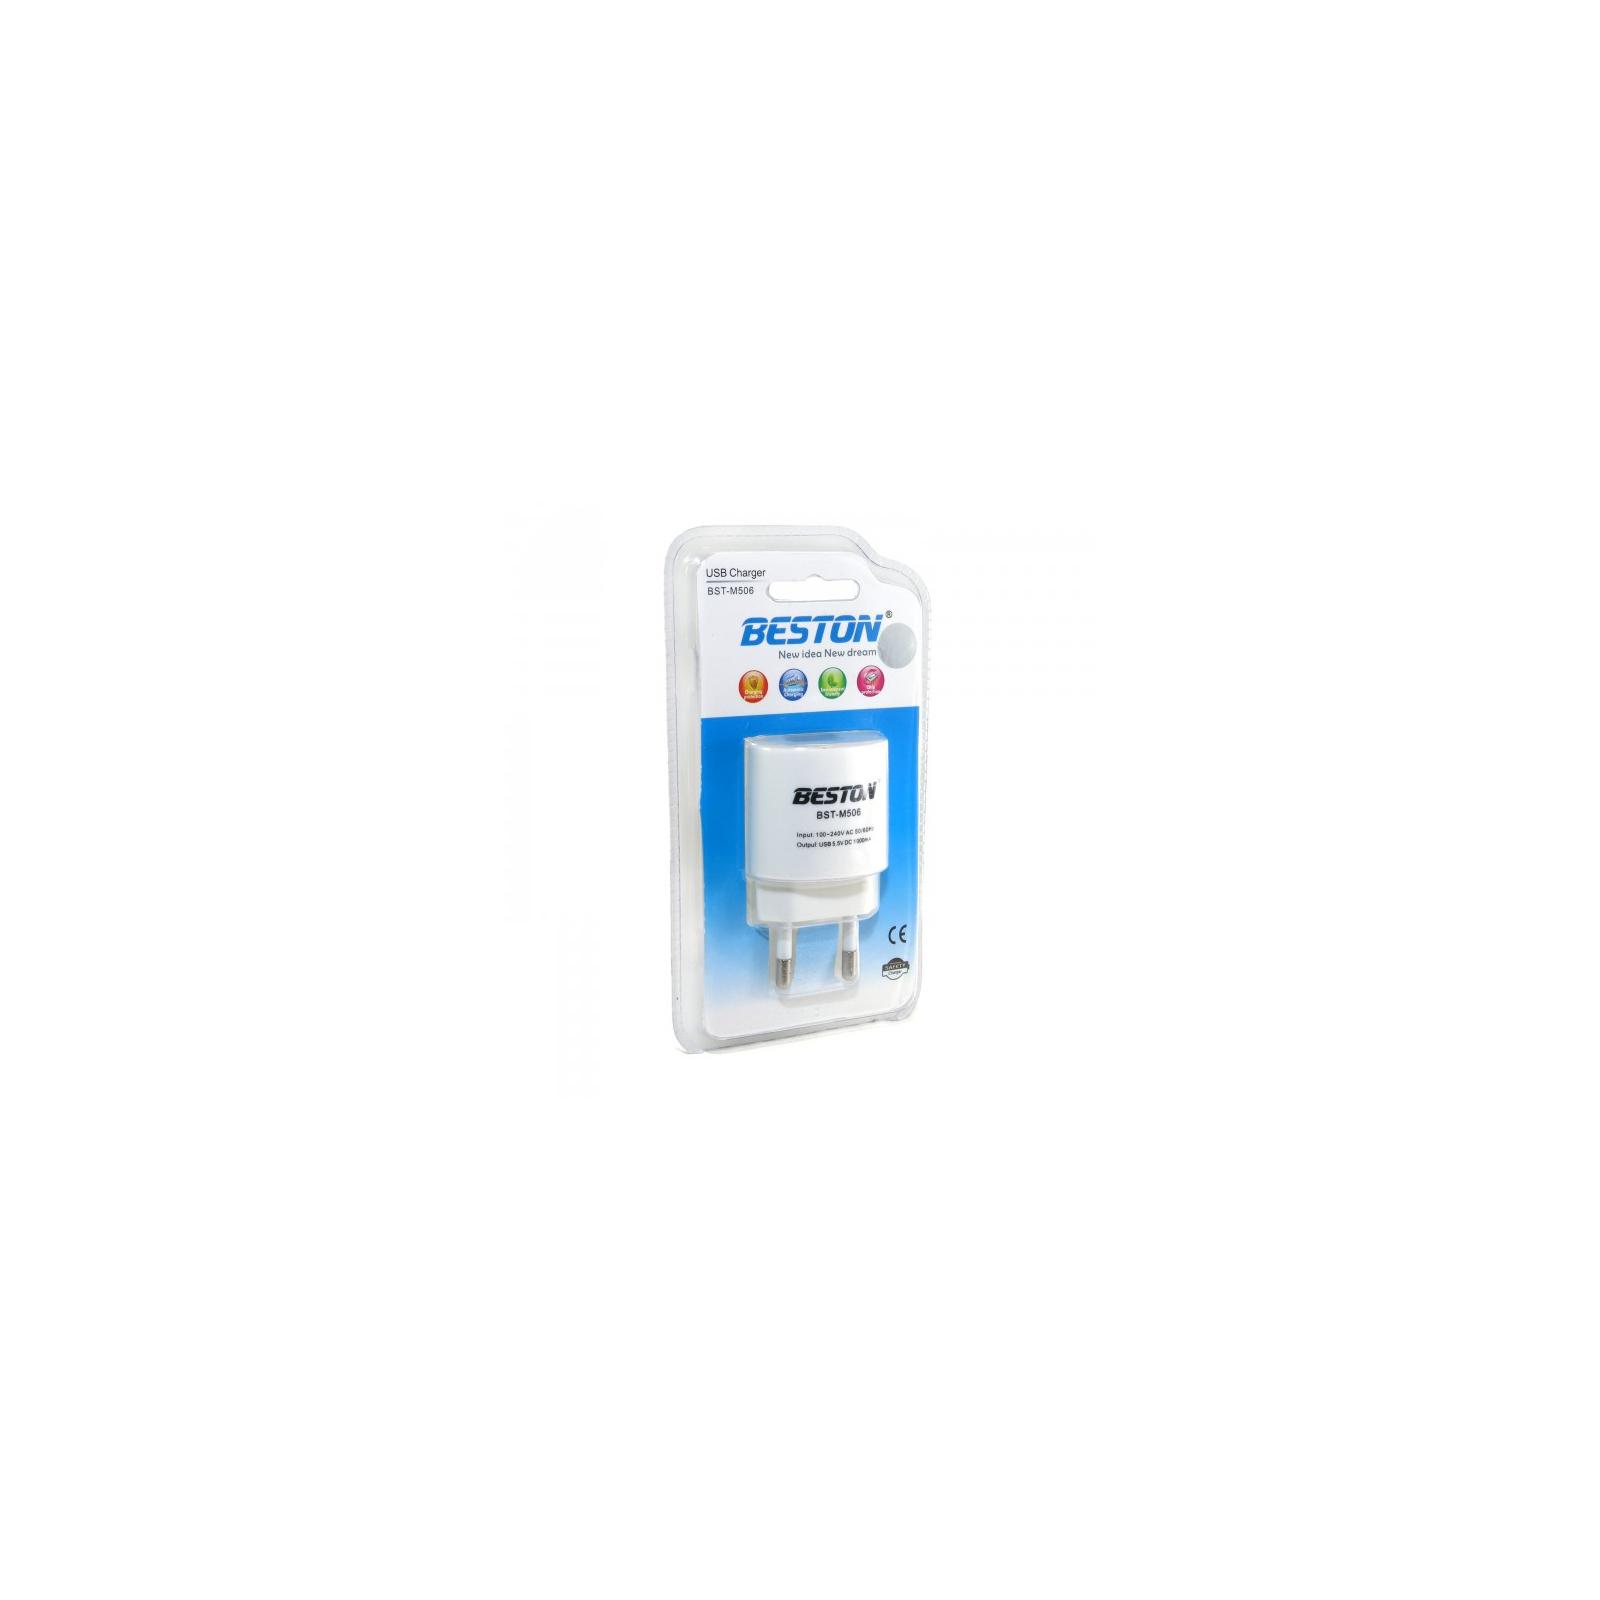 Зарядное устройство EXTRADIGITAL BESTON BST-M506 (CUB1526) изображение 4